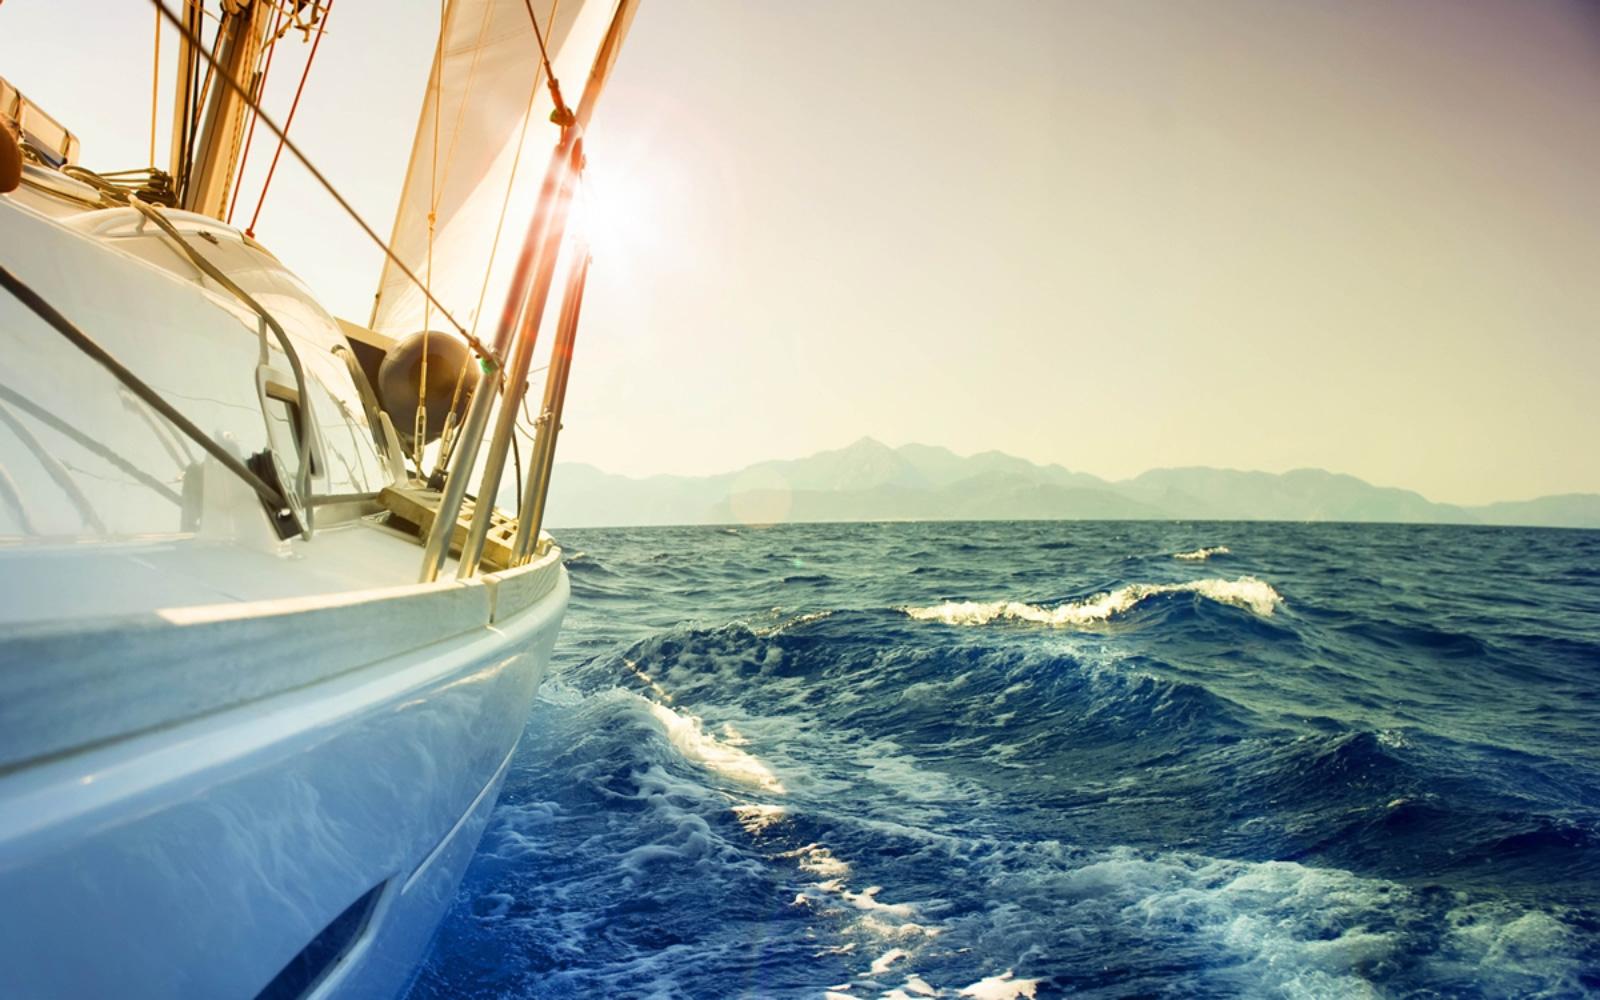 sails-front1